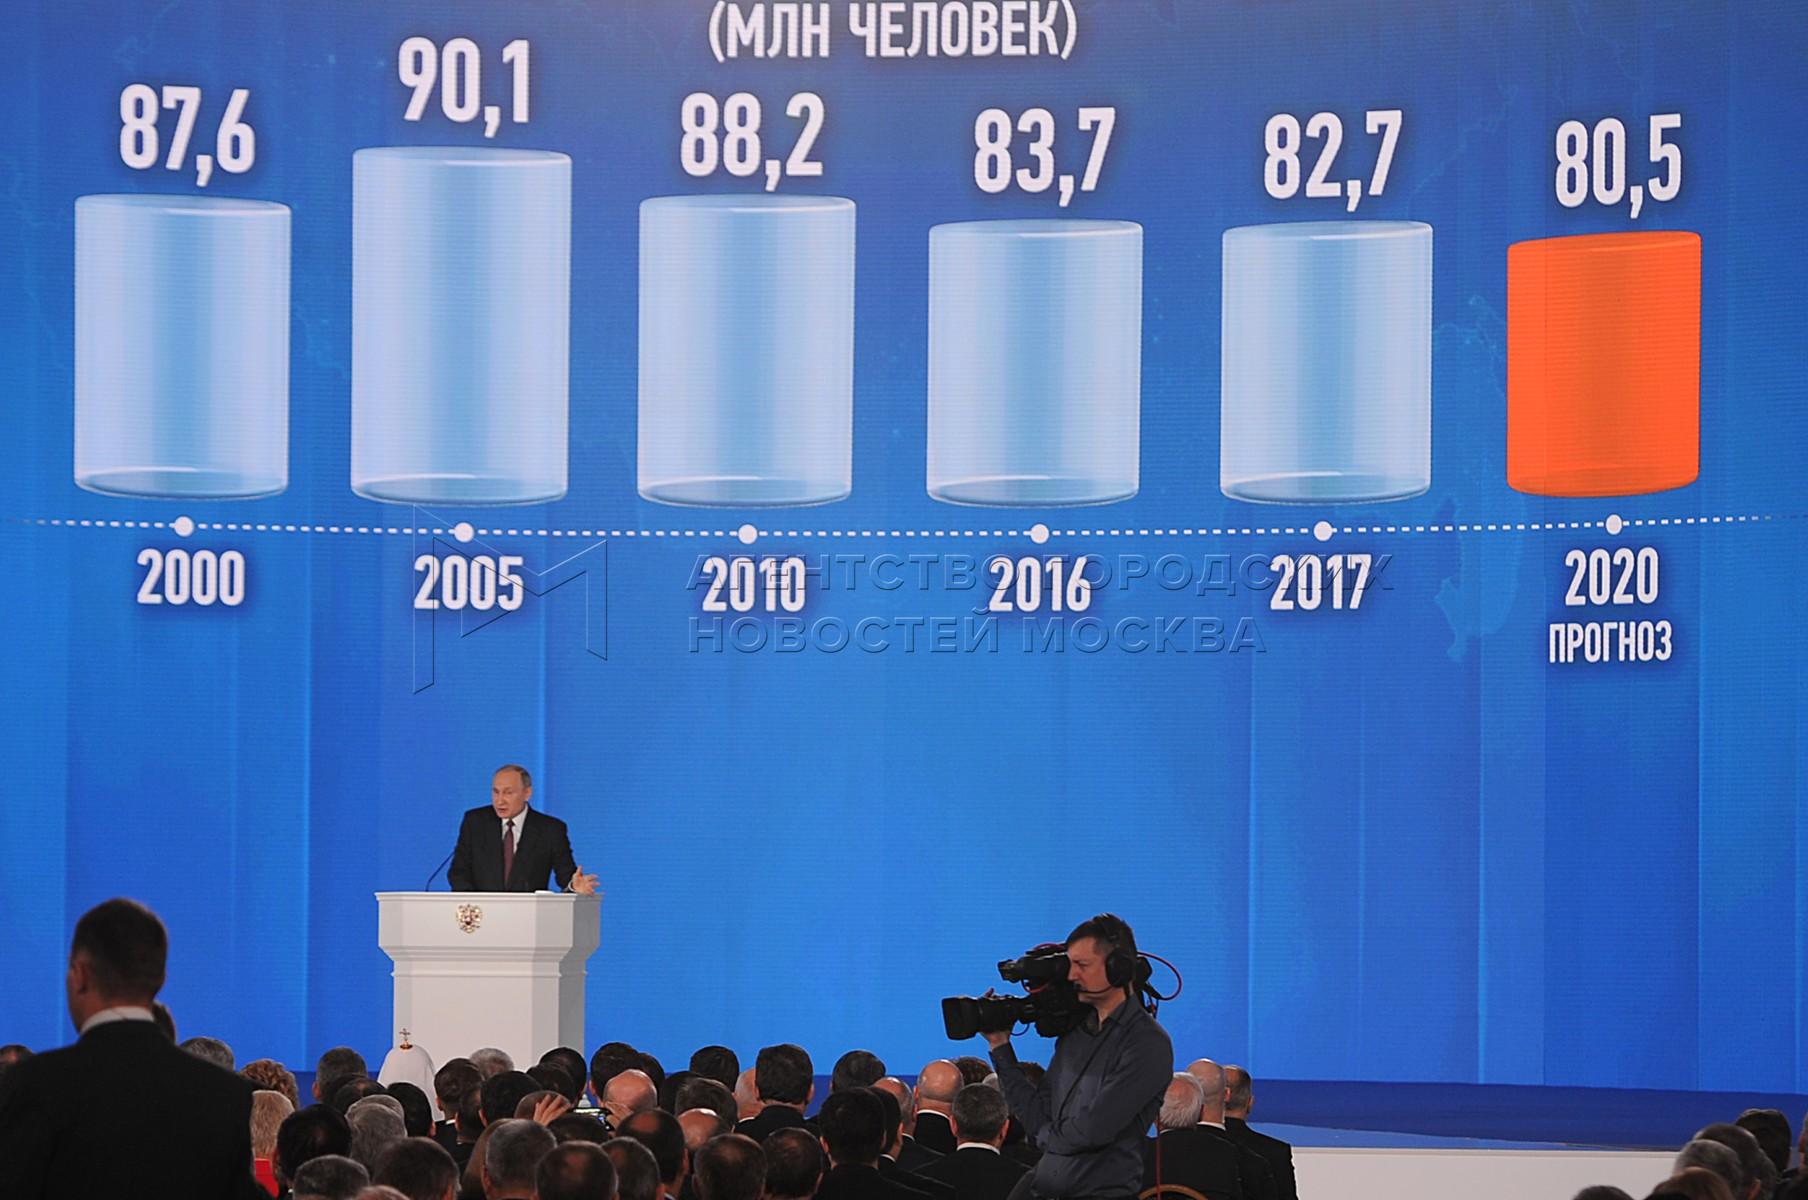 Президент РФ Владимир Путин во время ежегодного послания Федеральному собранию в центральном выставочном зале «Манеж».